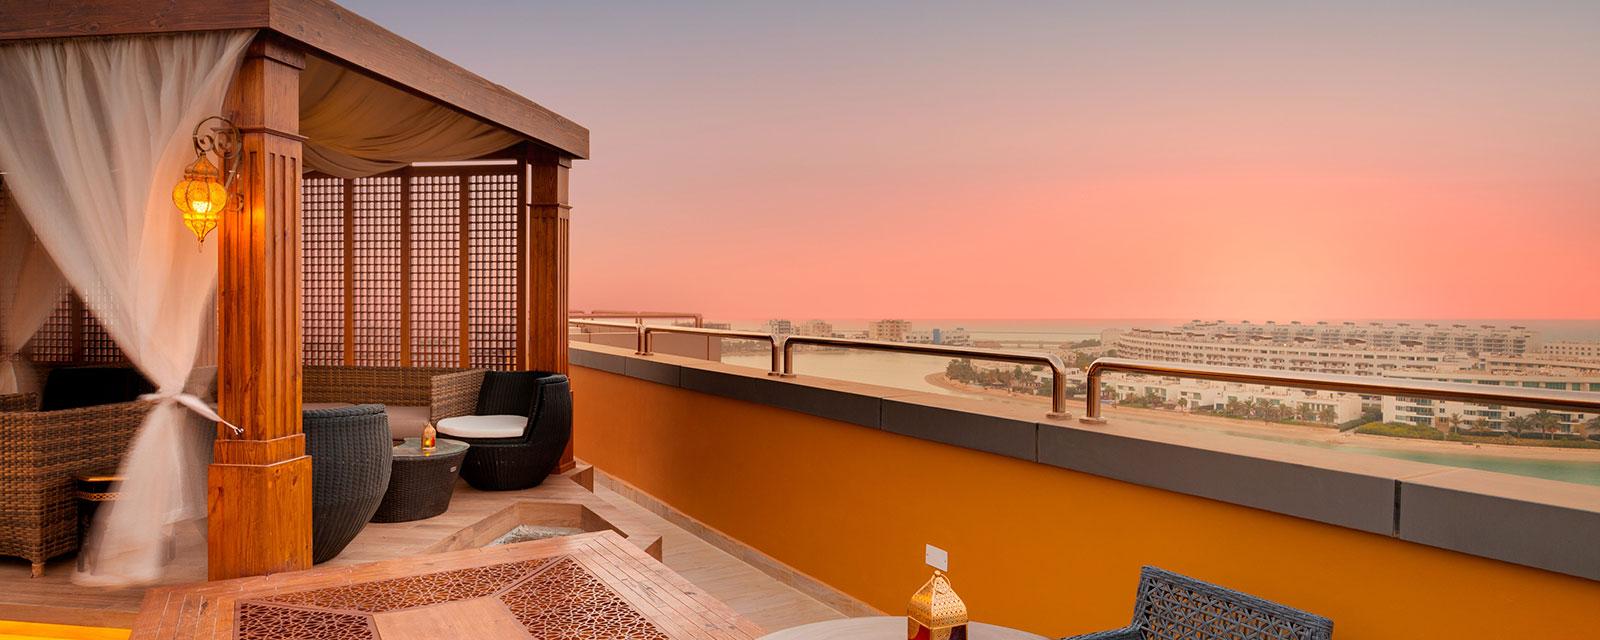 Ramada Hotel & Suites by Wyndham Amwaj Islands Manama